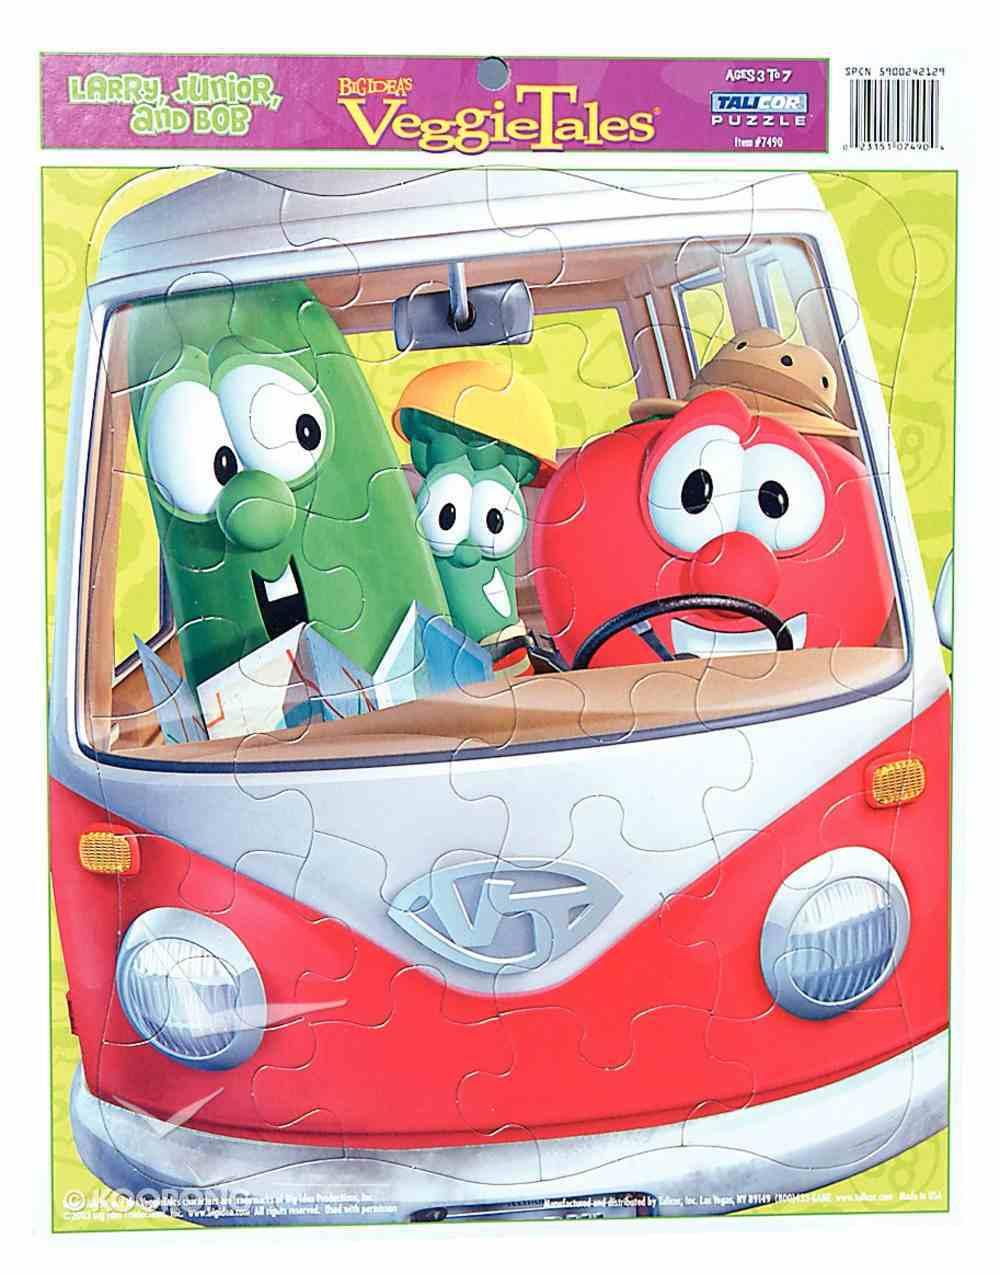 Larry, Junior, and Bob (24 Pieces) (Veggie Tales (Veggietales) Series) Game